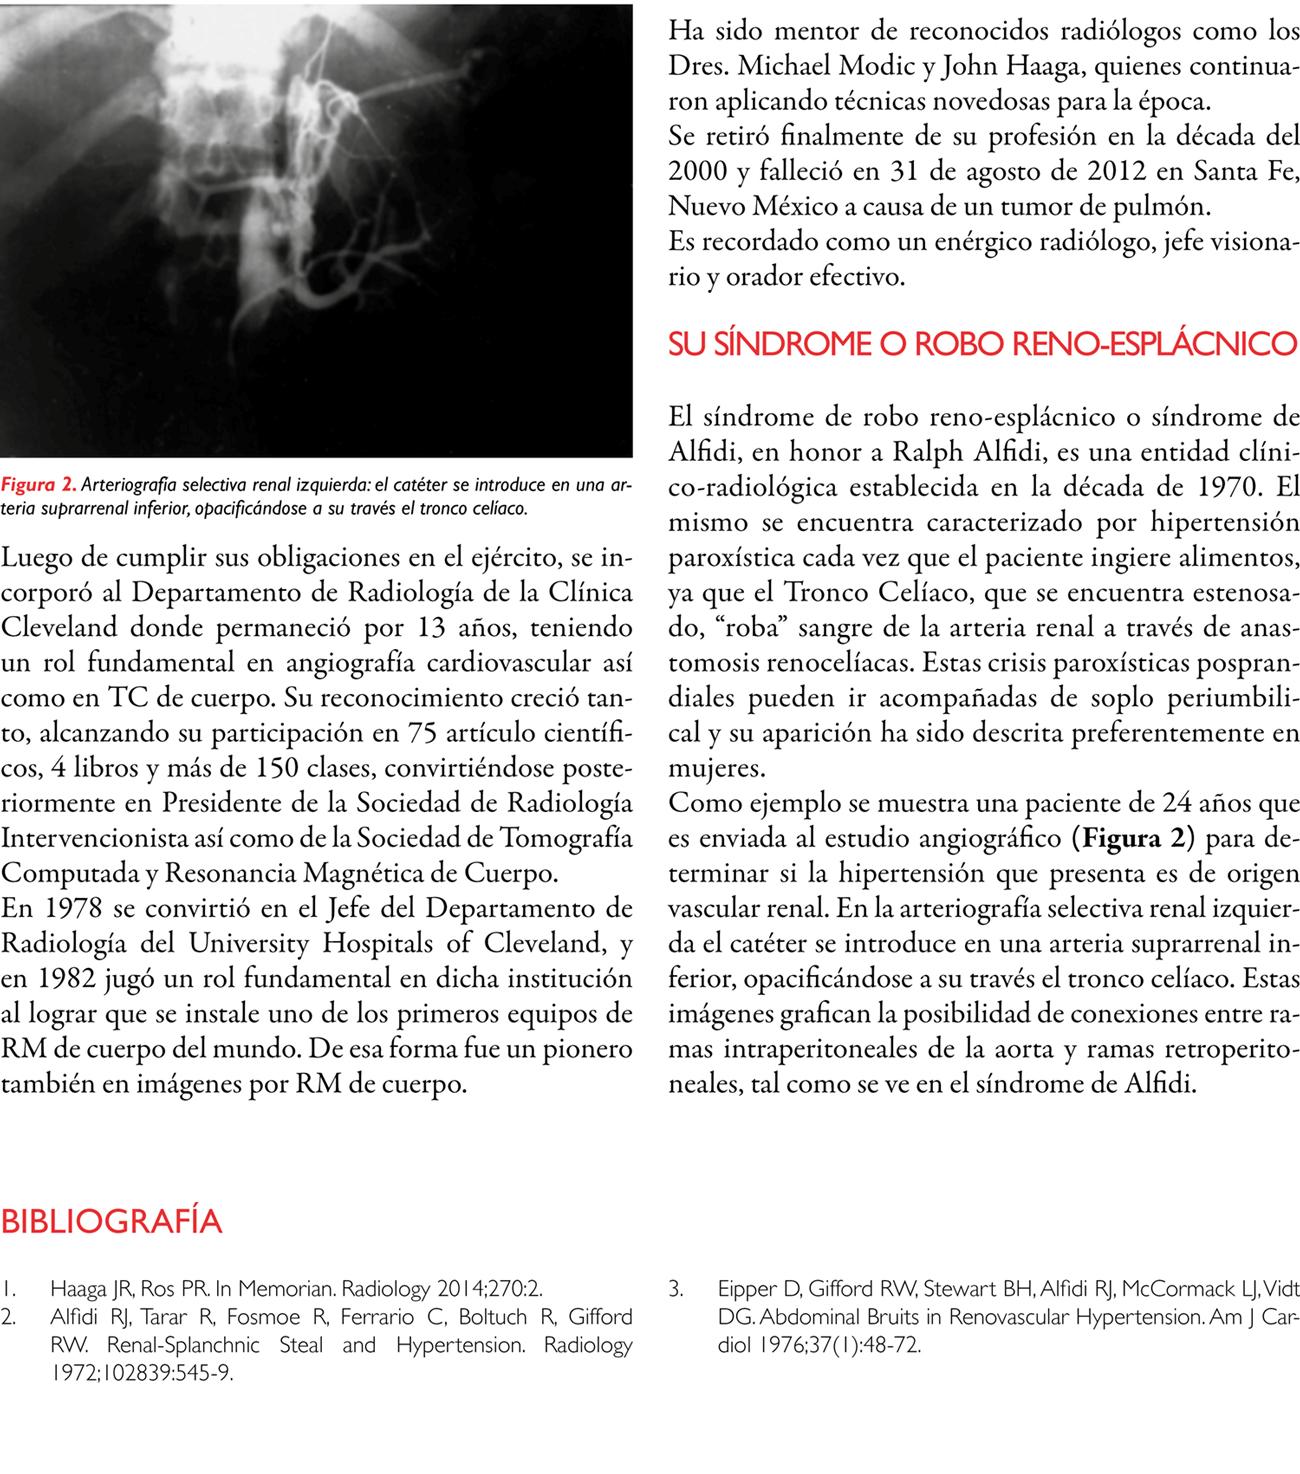 Síndrome de Alfidi o de robo reno-esplácnico